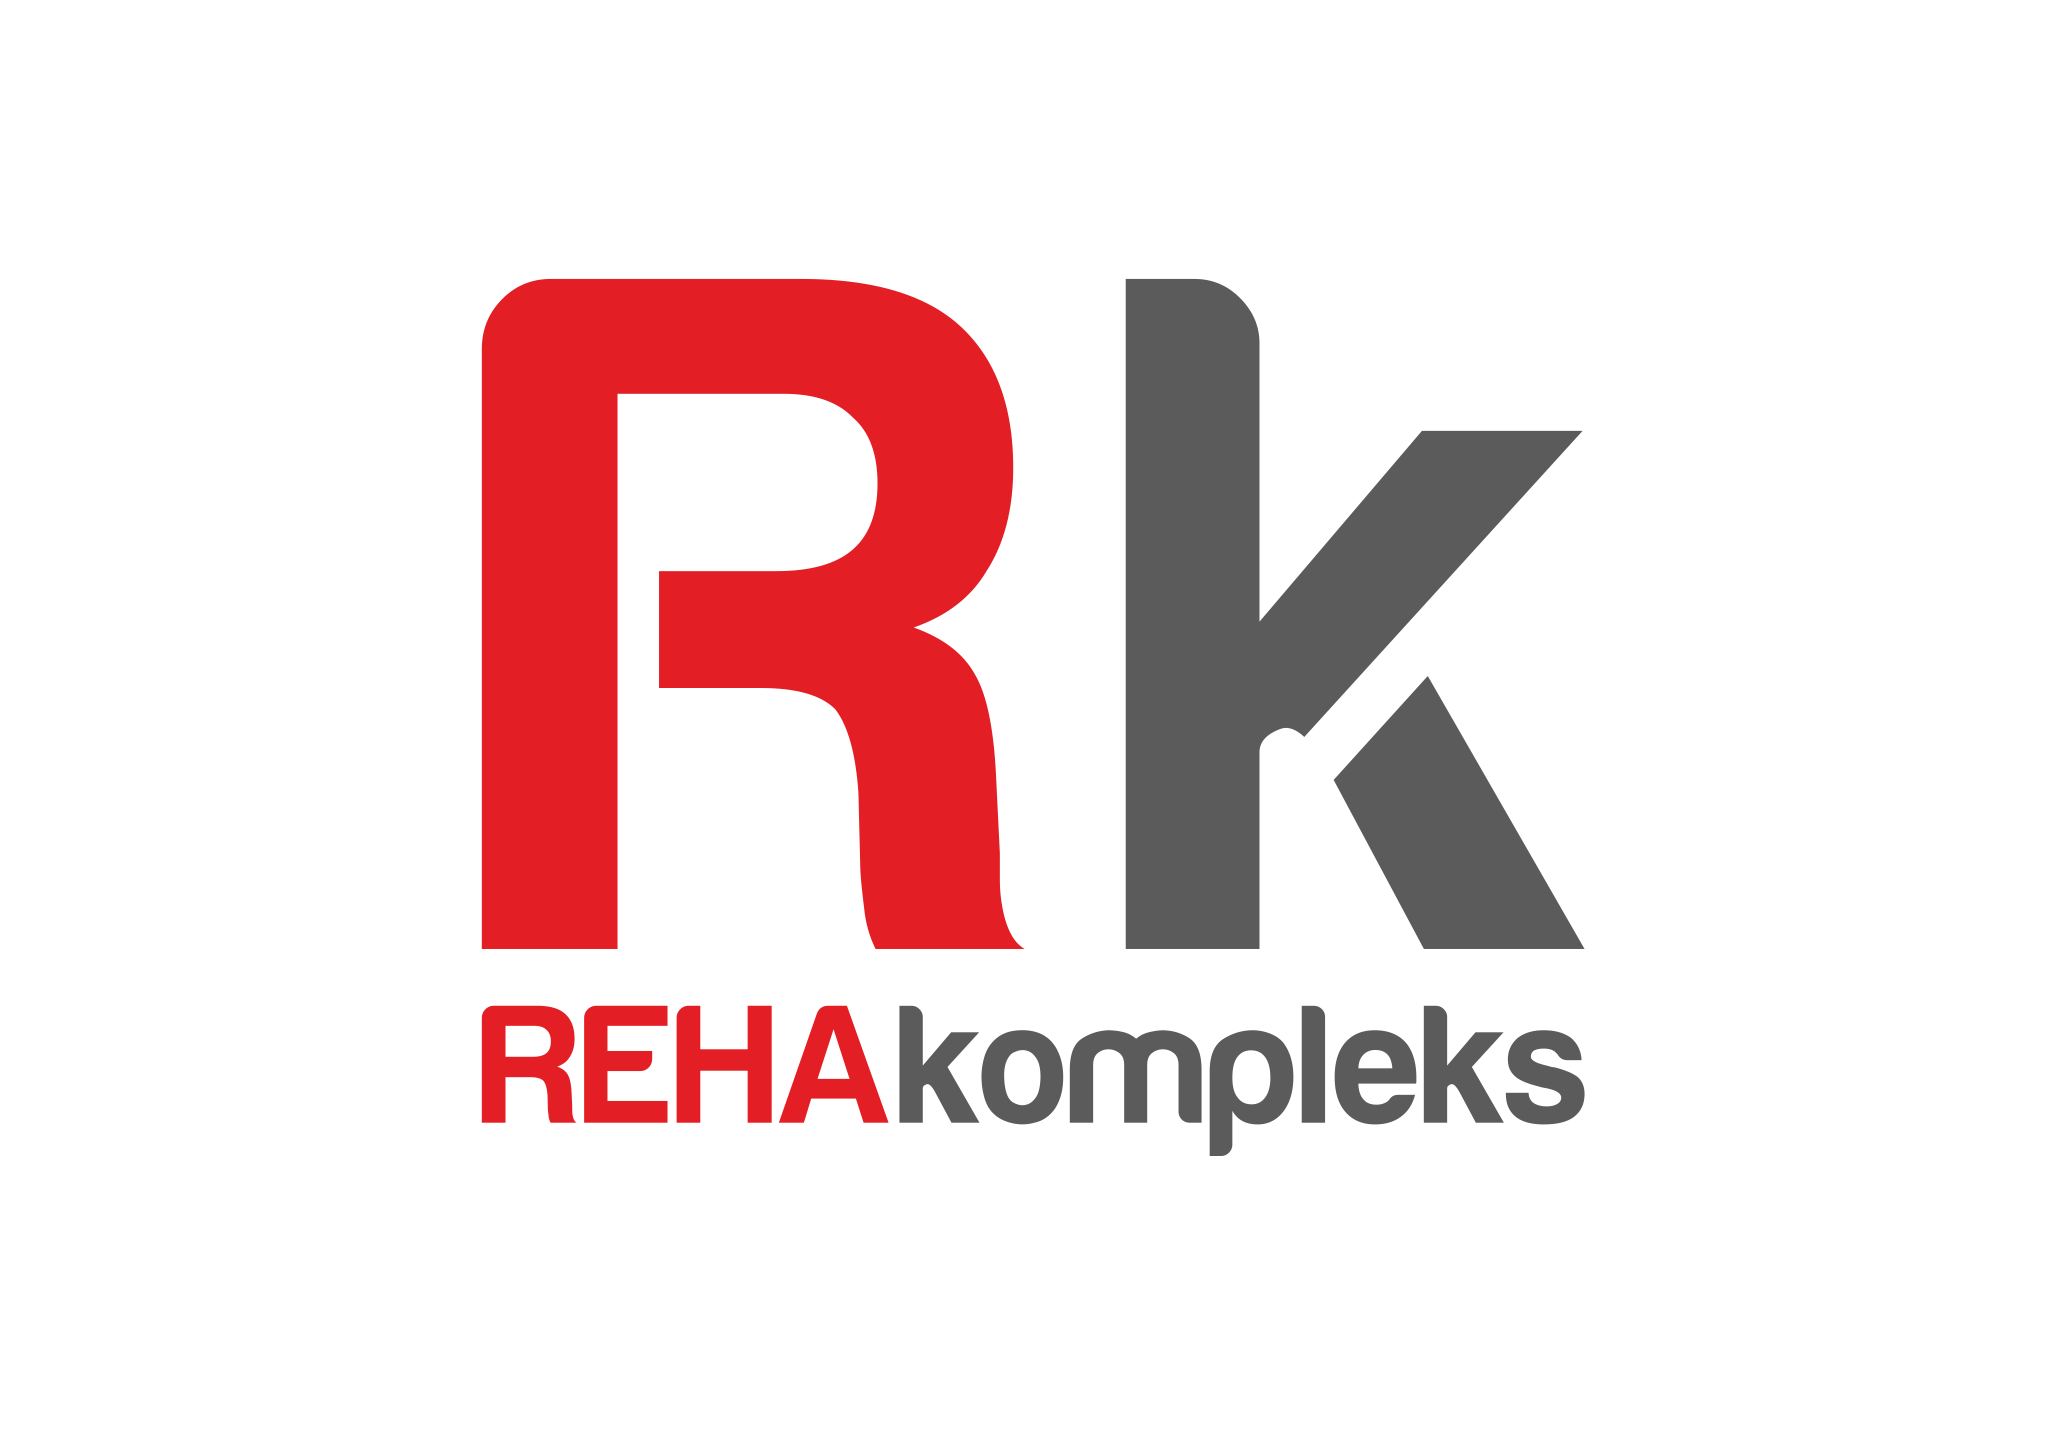 Rehakompleks